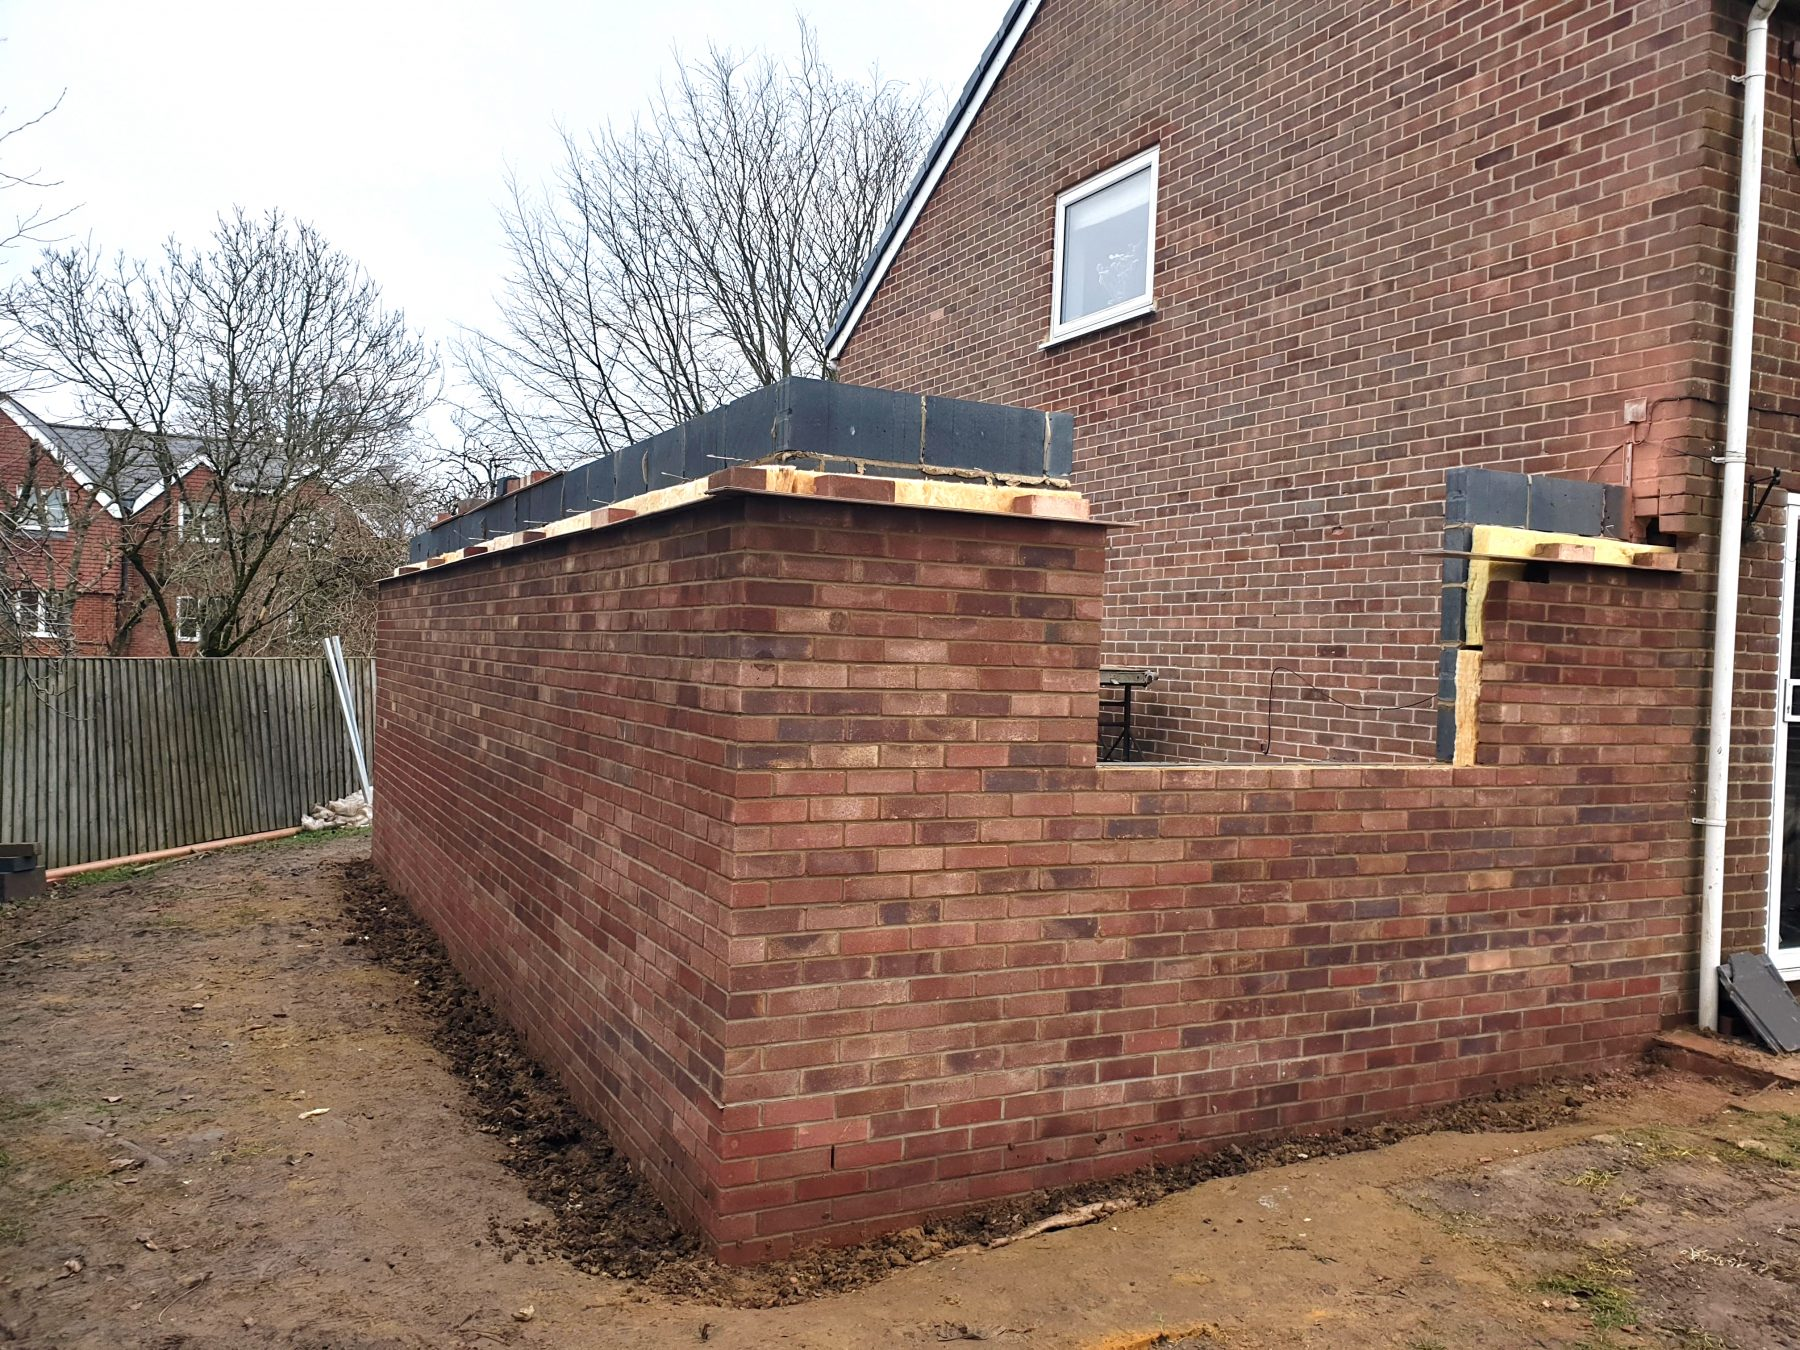 Brickwork for extension in Marlborough, Wiltshire